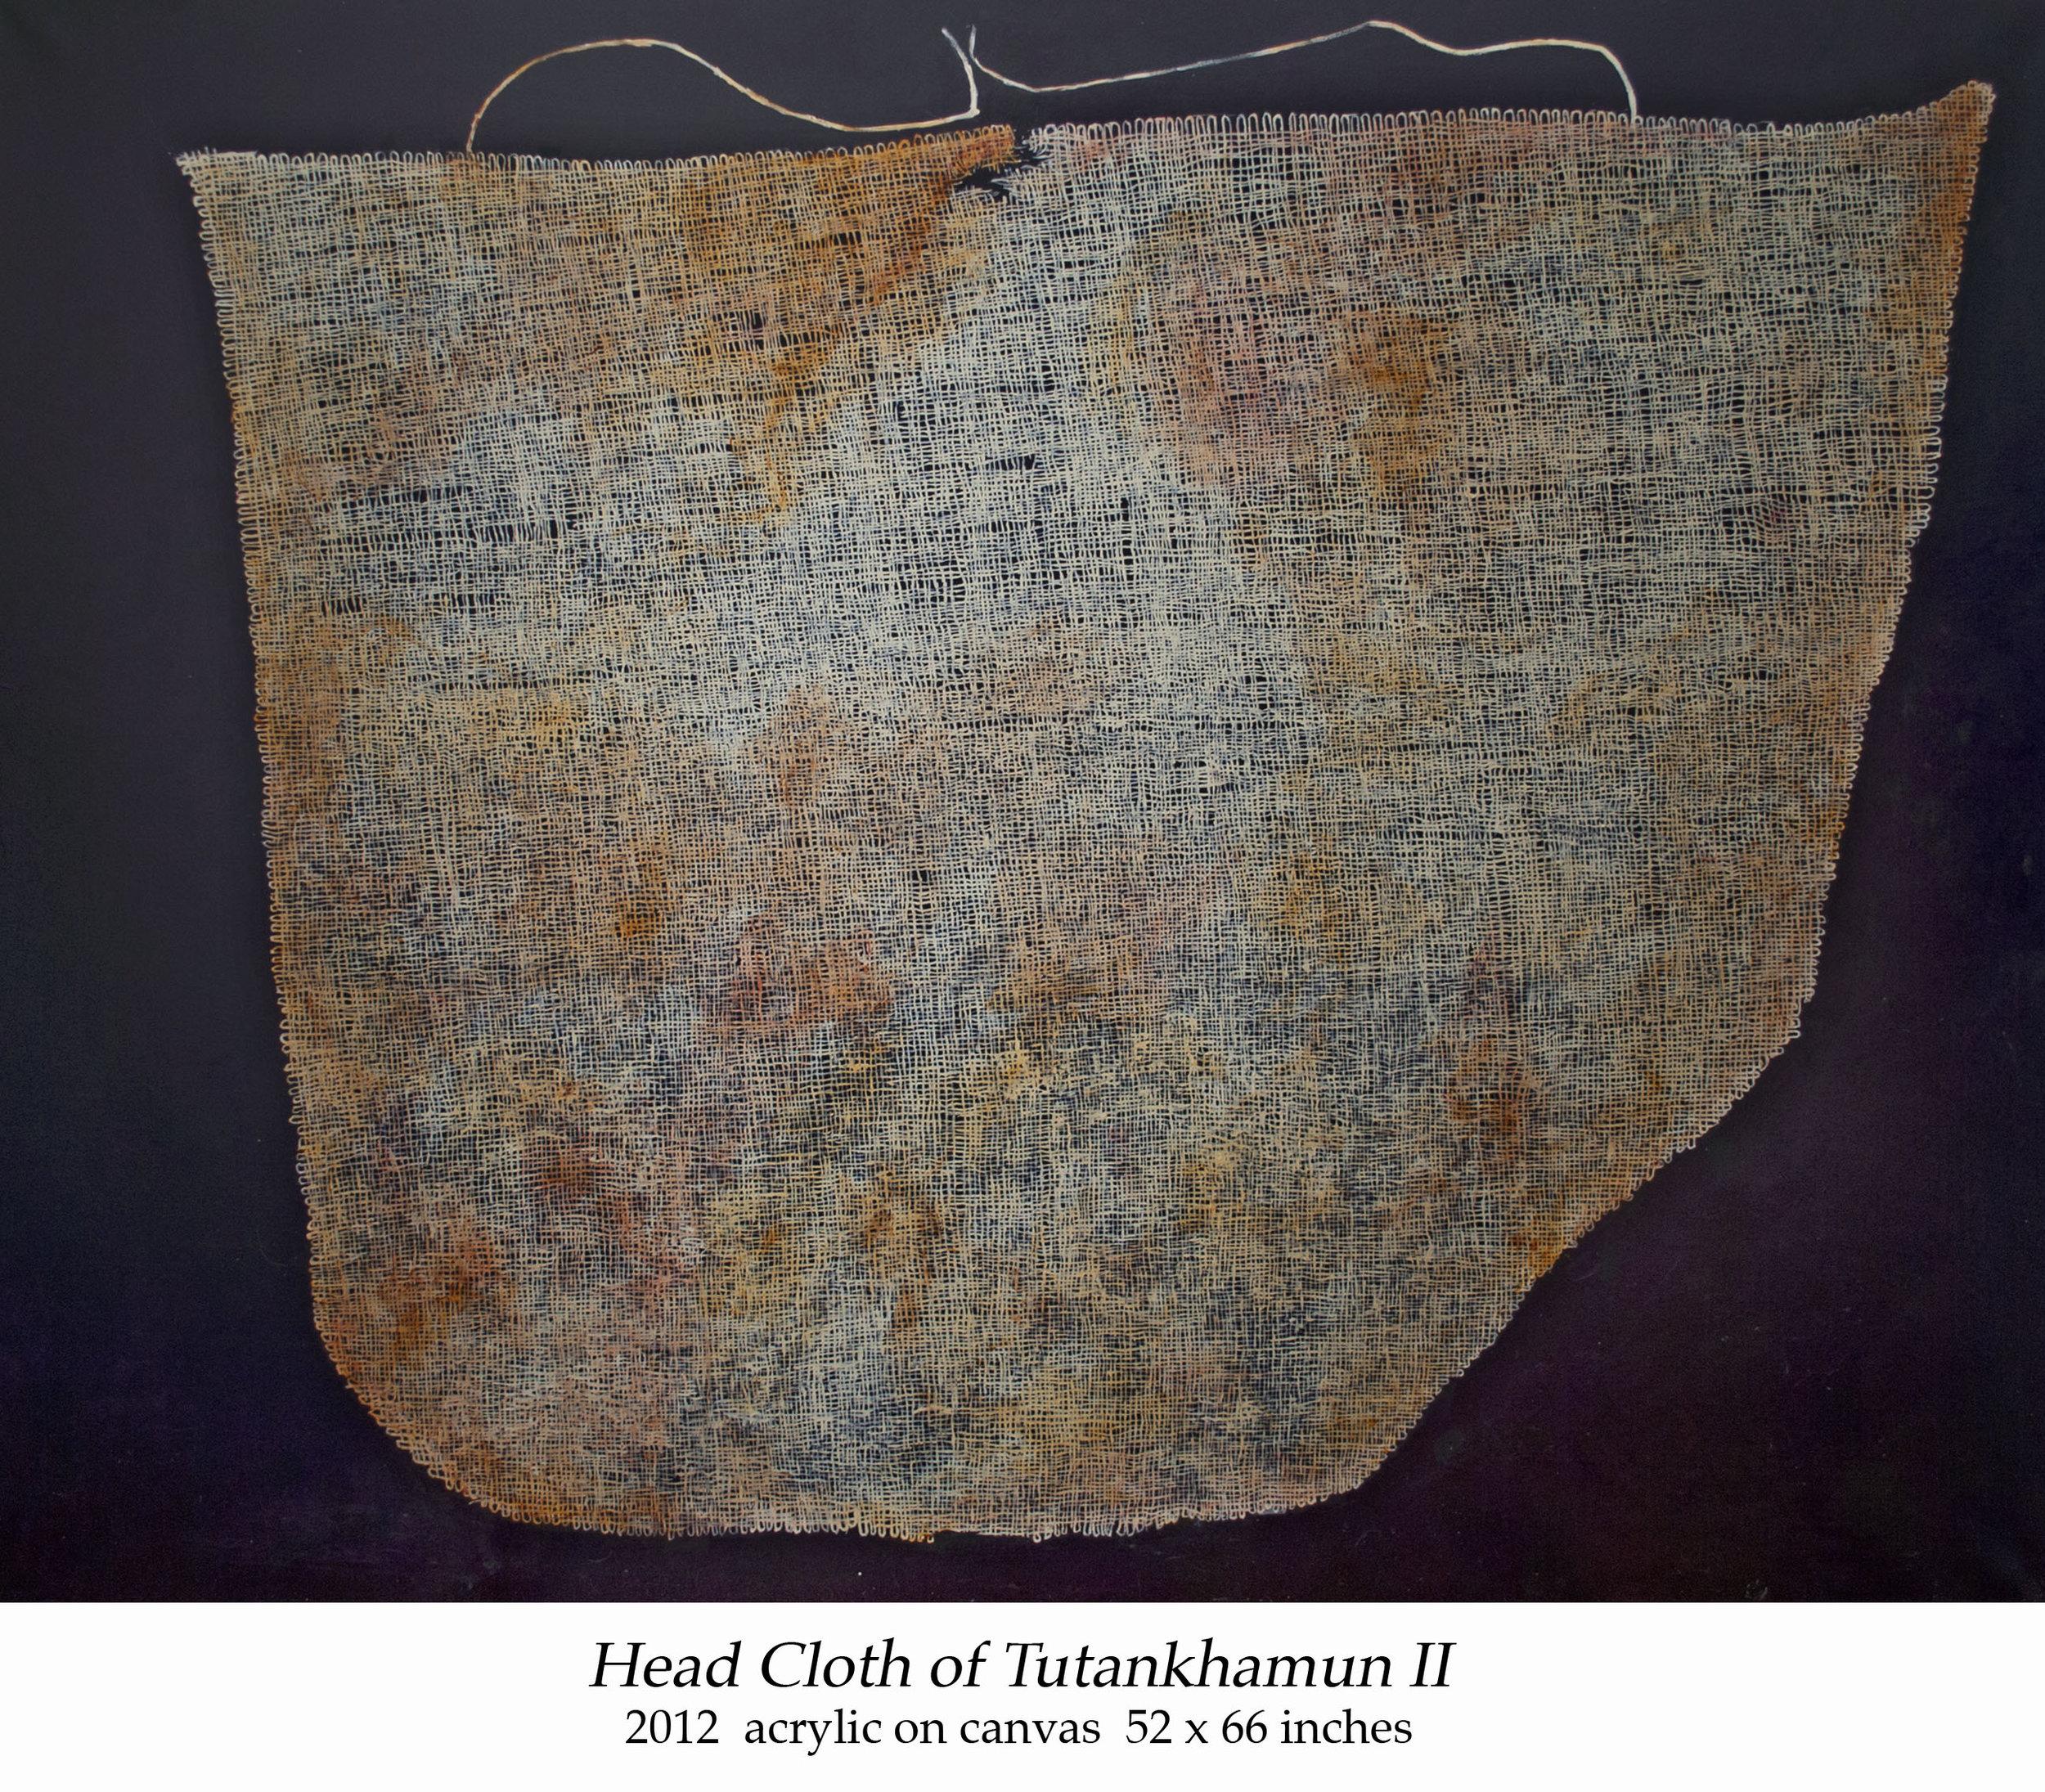 Head Cloth of Tutankhamun II 2012 acrylic on canvas 52 x 66 inches.jpg